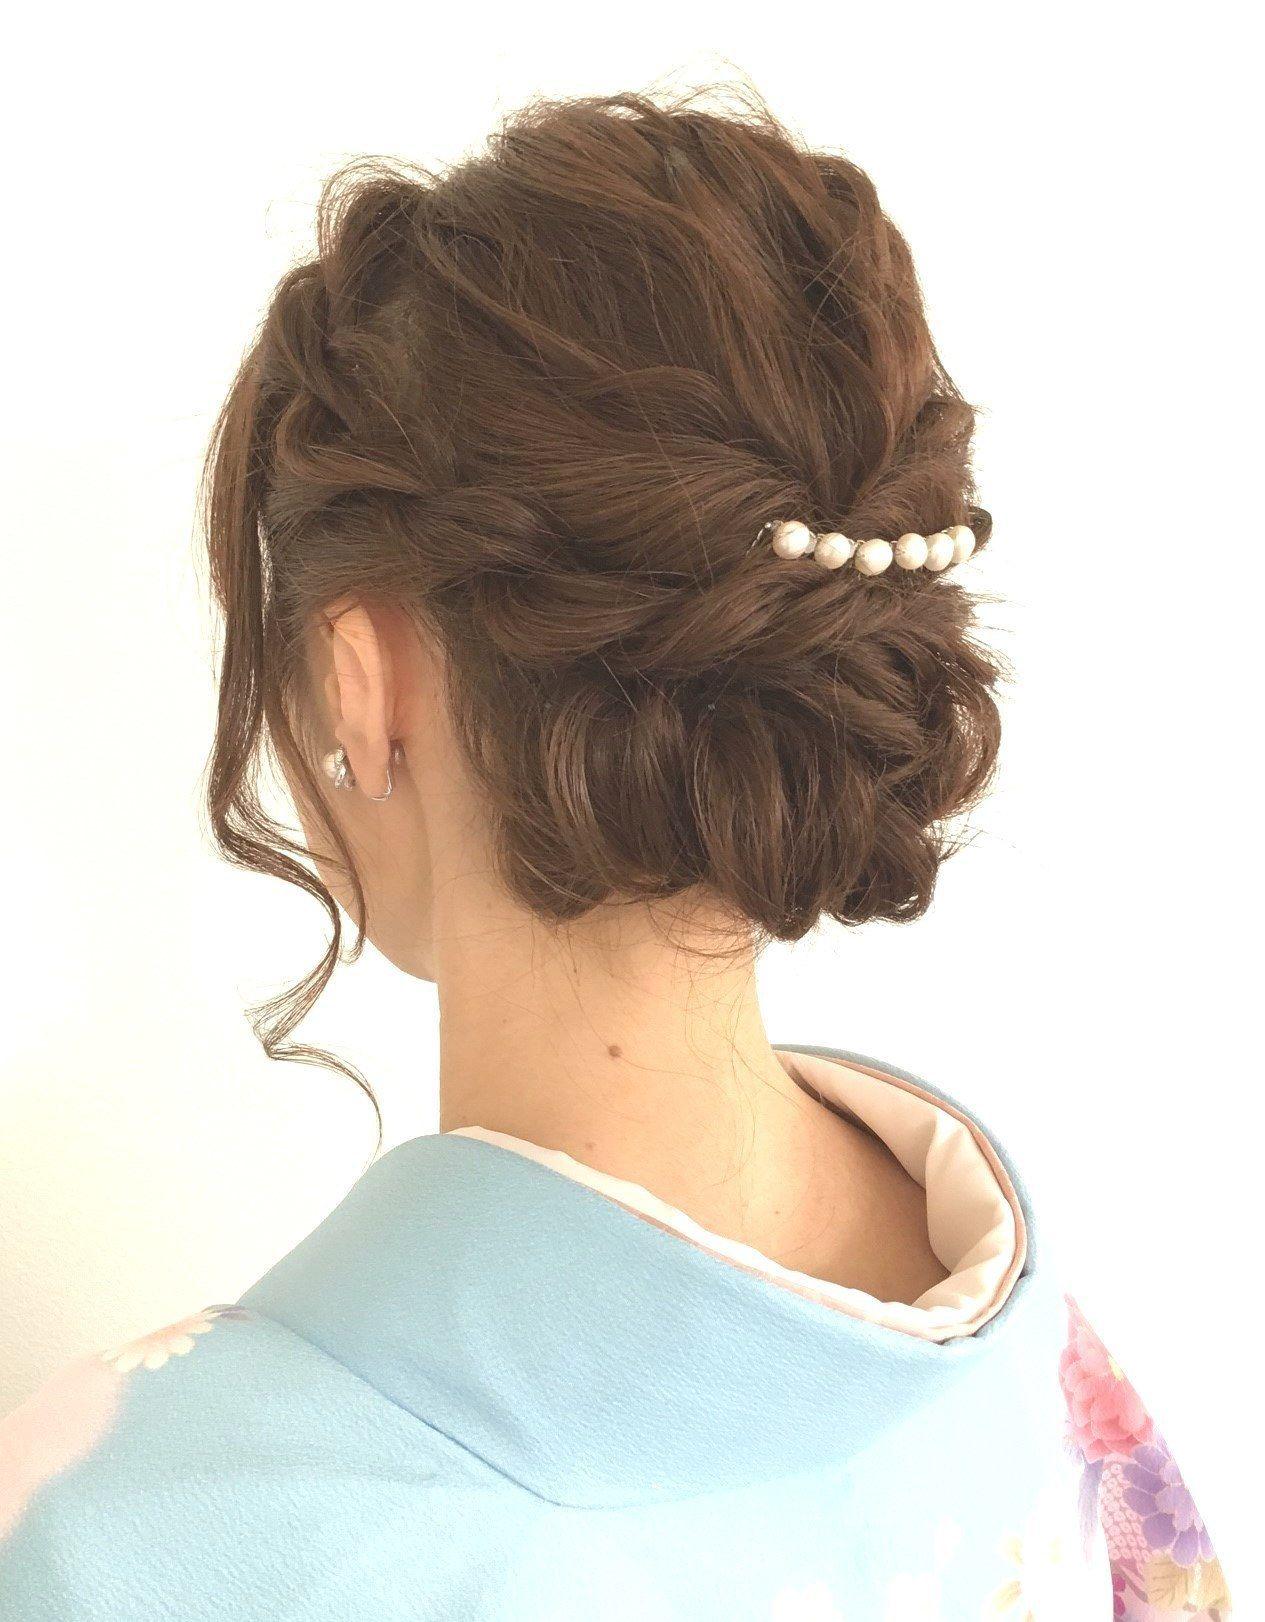 お呼ばれ結婚式での和装に似合う髪型画像30選 HOW TO MARRY , 着物 ヘアスタイル 結婚式